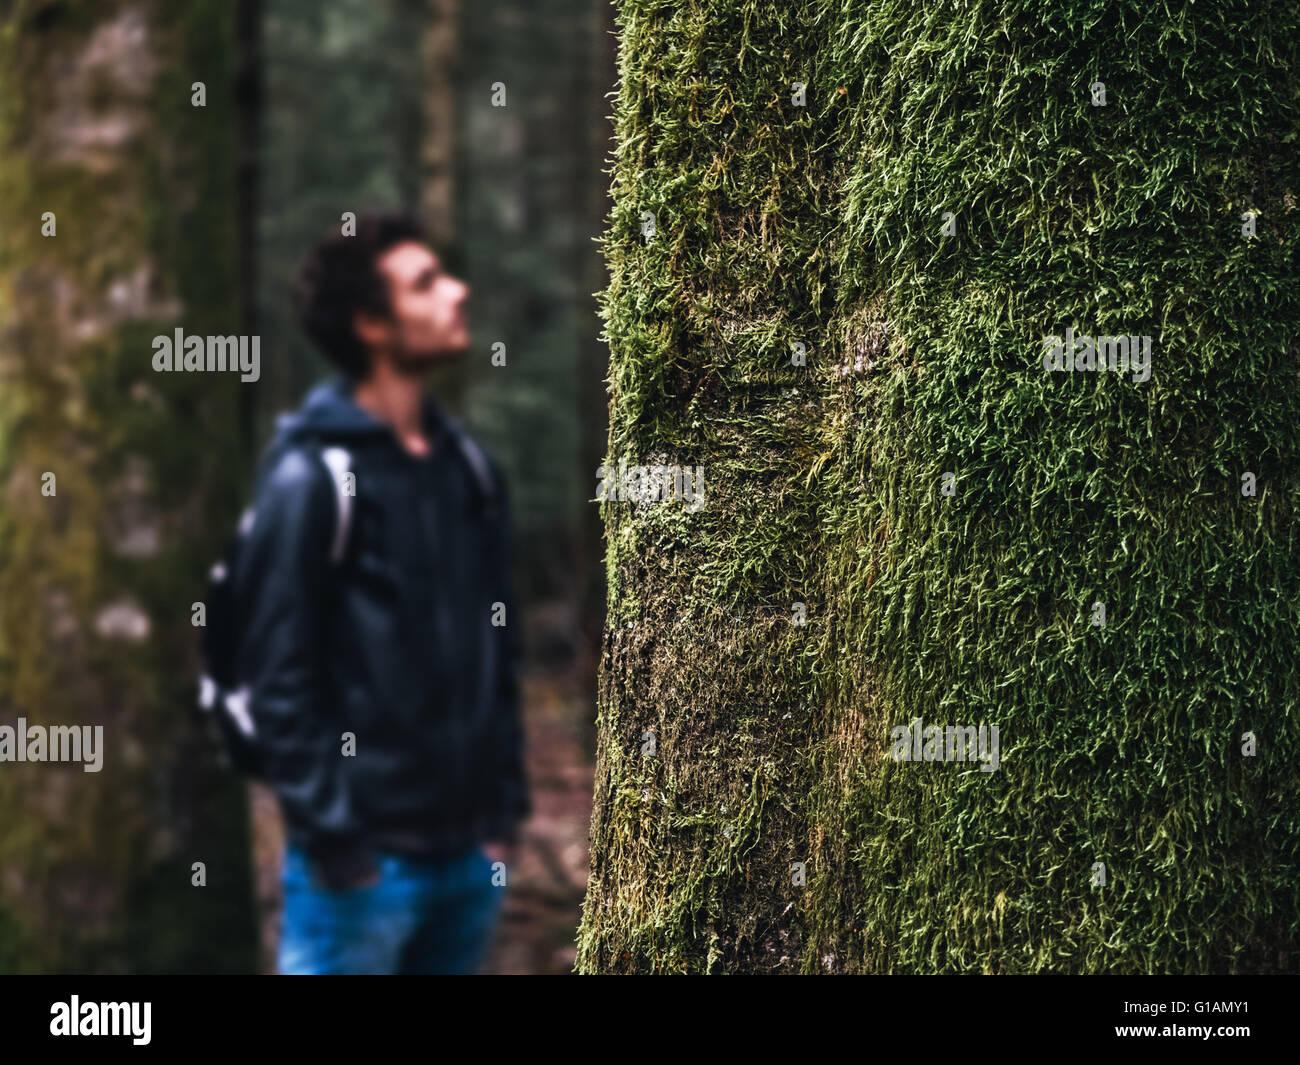 Junge Wanderer in den Wäldern stützte sich auf einen Baum, Moos bedeckt Baum im Vordergrund, selektiven Stockbild